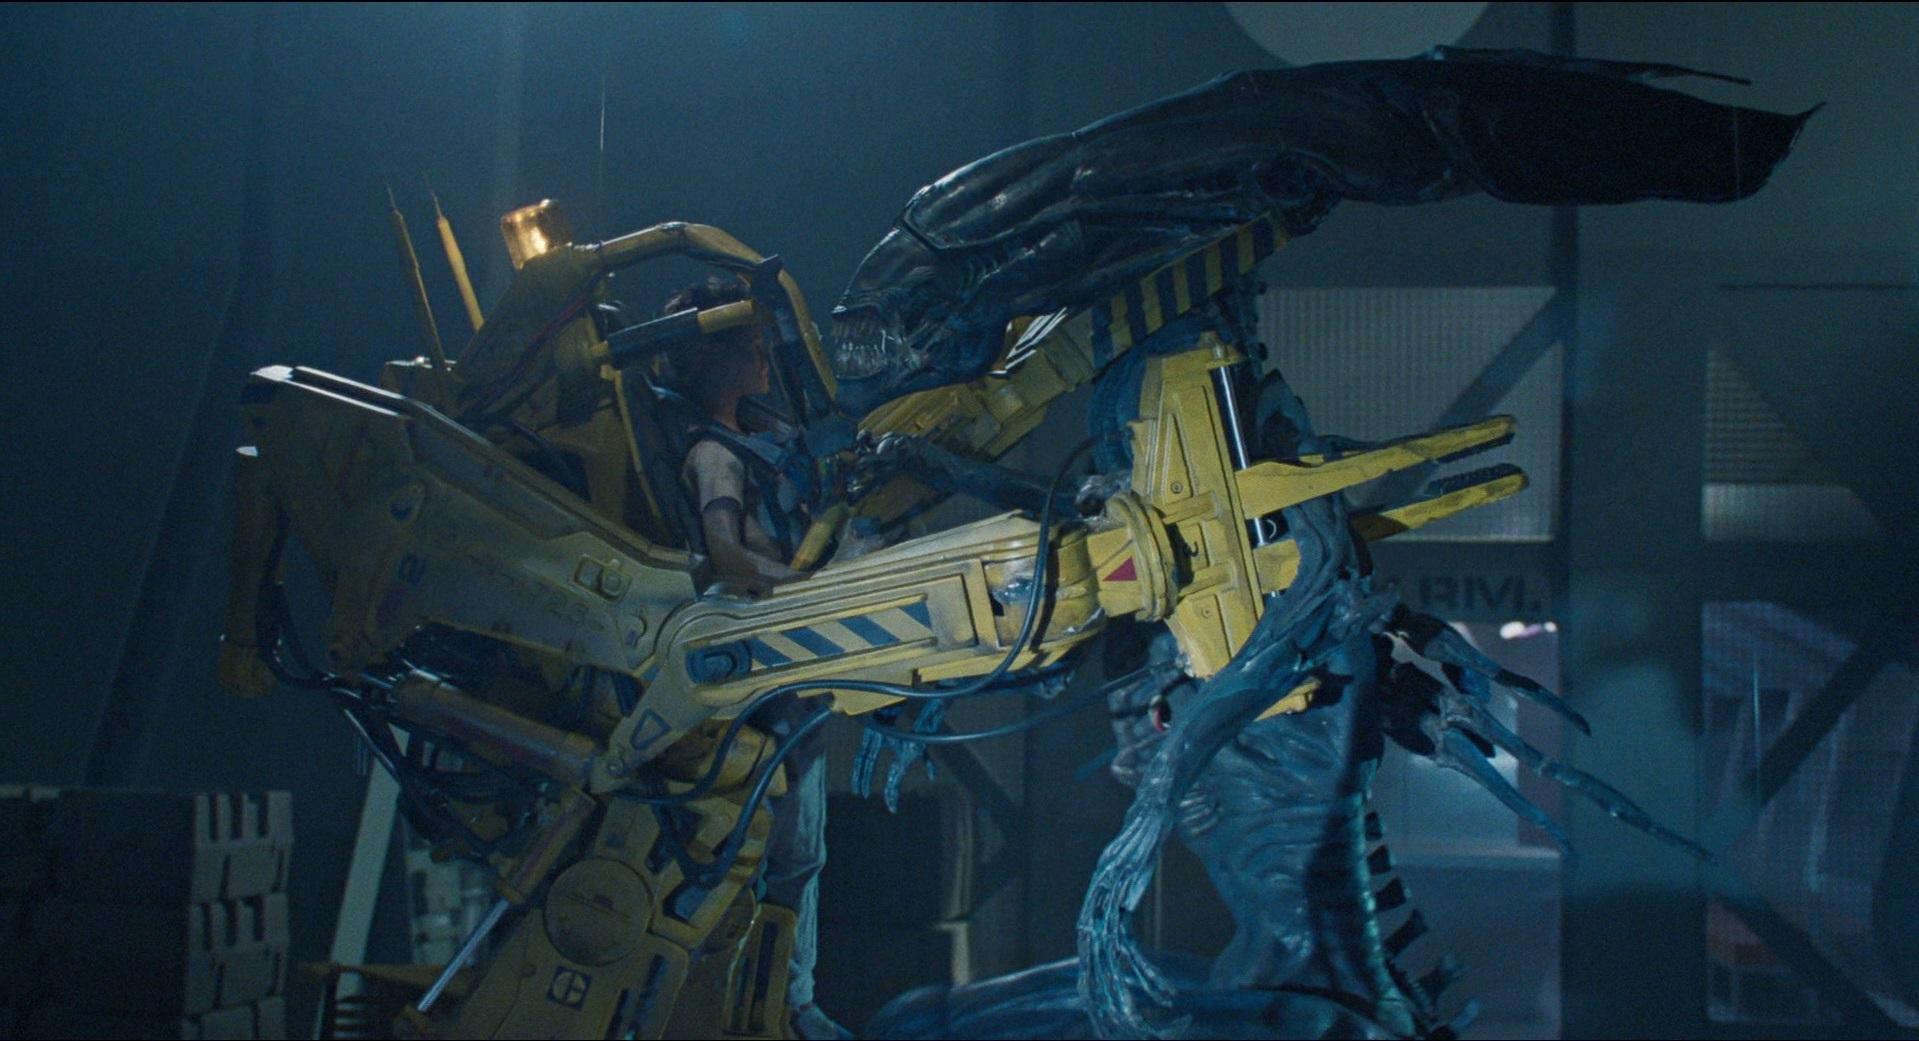 Рипли в роботе-погрузчике бьётся с королевой чужих